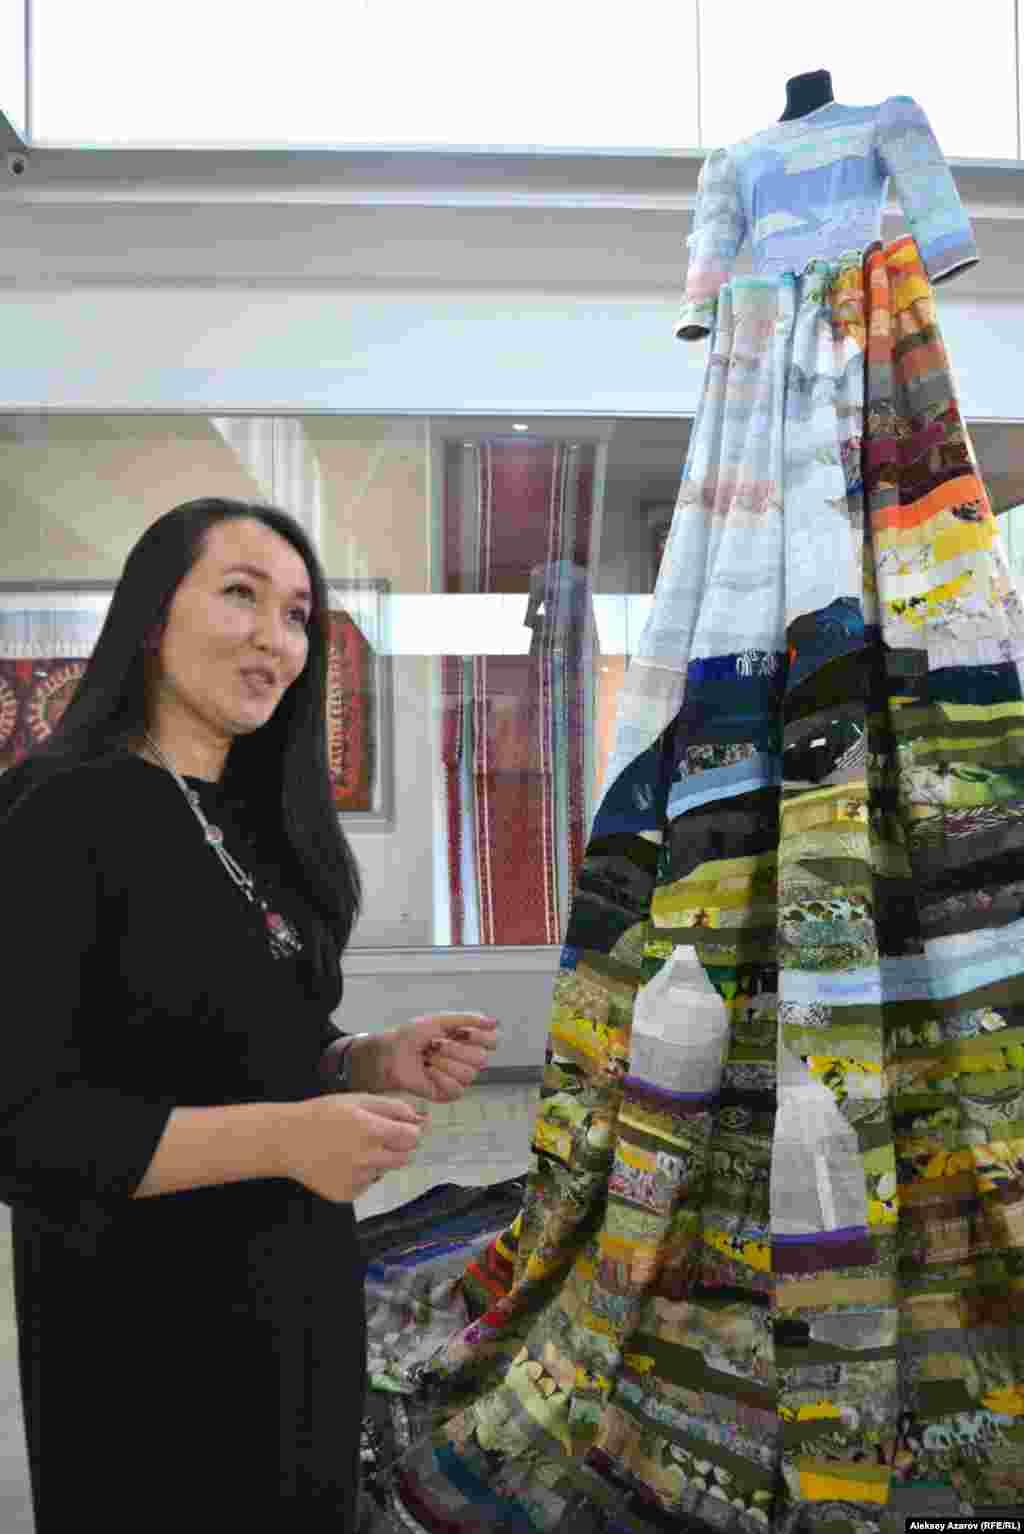 Гаухар Ахметова для коллекции создала два платья – «Дружба народов» и «Томирис». На этом фото она около «Дружбы народов». Это платье передает многонациональность Казахстана (более 120 народов). Это выражено через использование разных тканей, создающих единую картину. По словам Гаухар, когда она делала платье, то представляла себя художником, рисующим кусочками ткани.